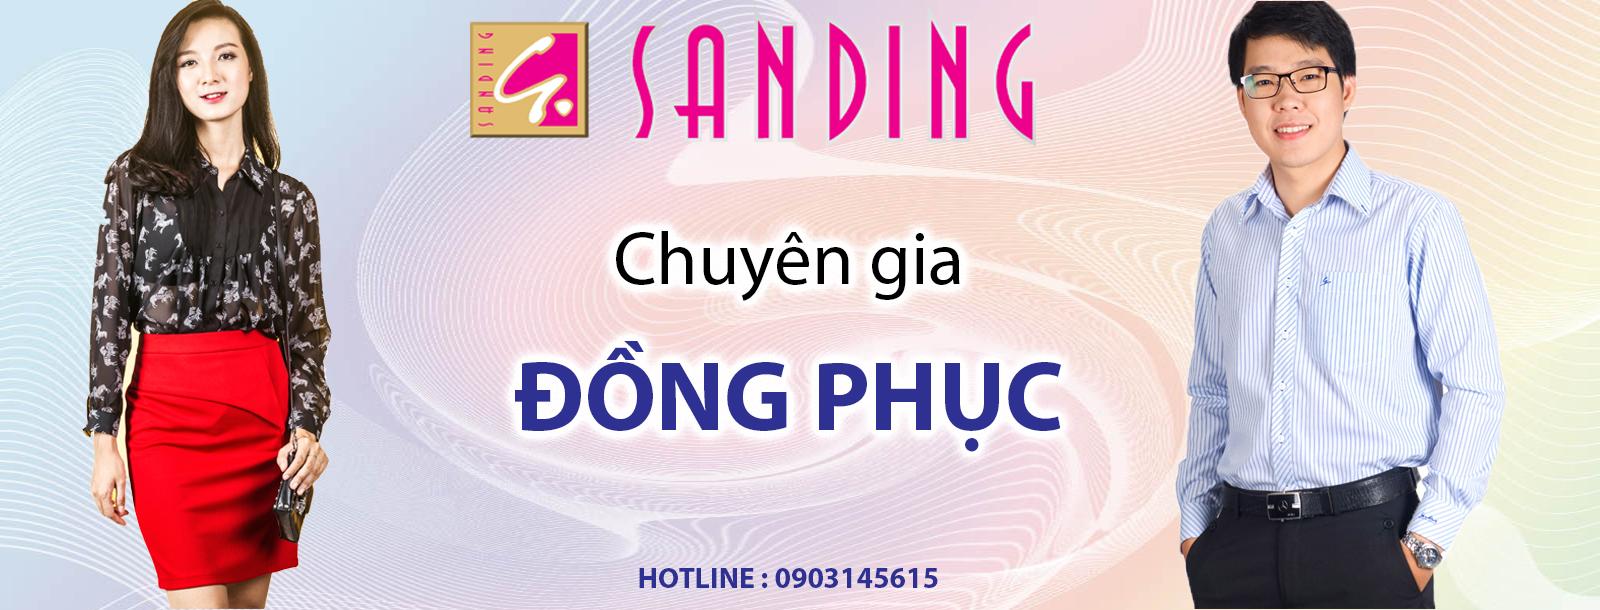 dong phuc cong so